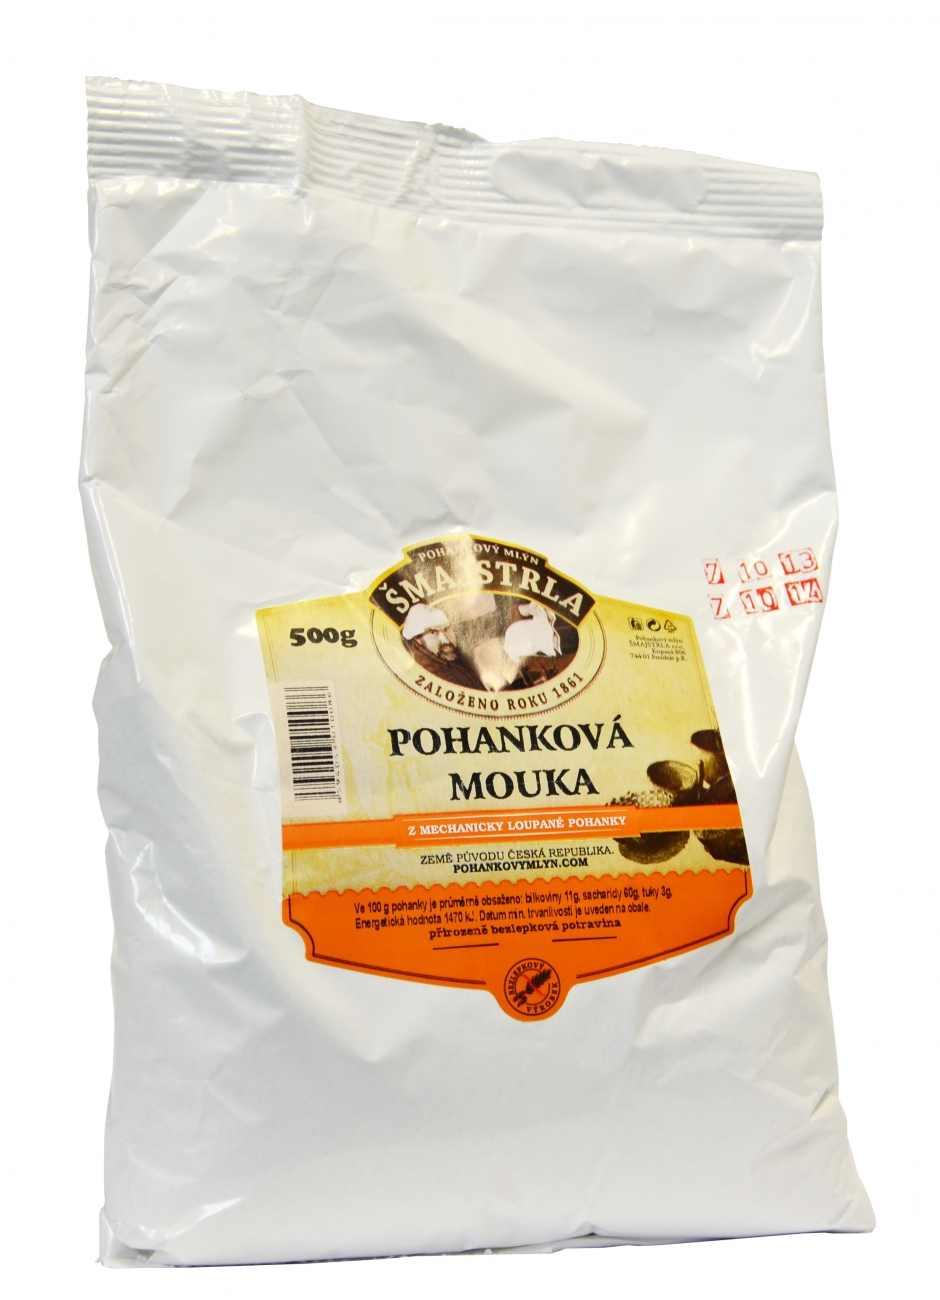 Šmajstrla Pohanková mouka 500 g